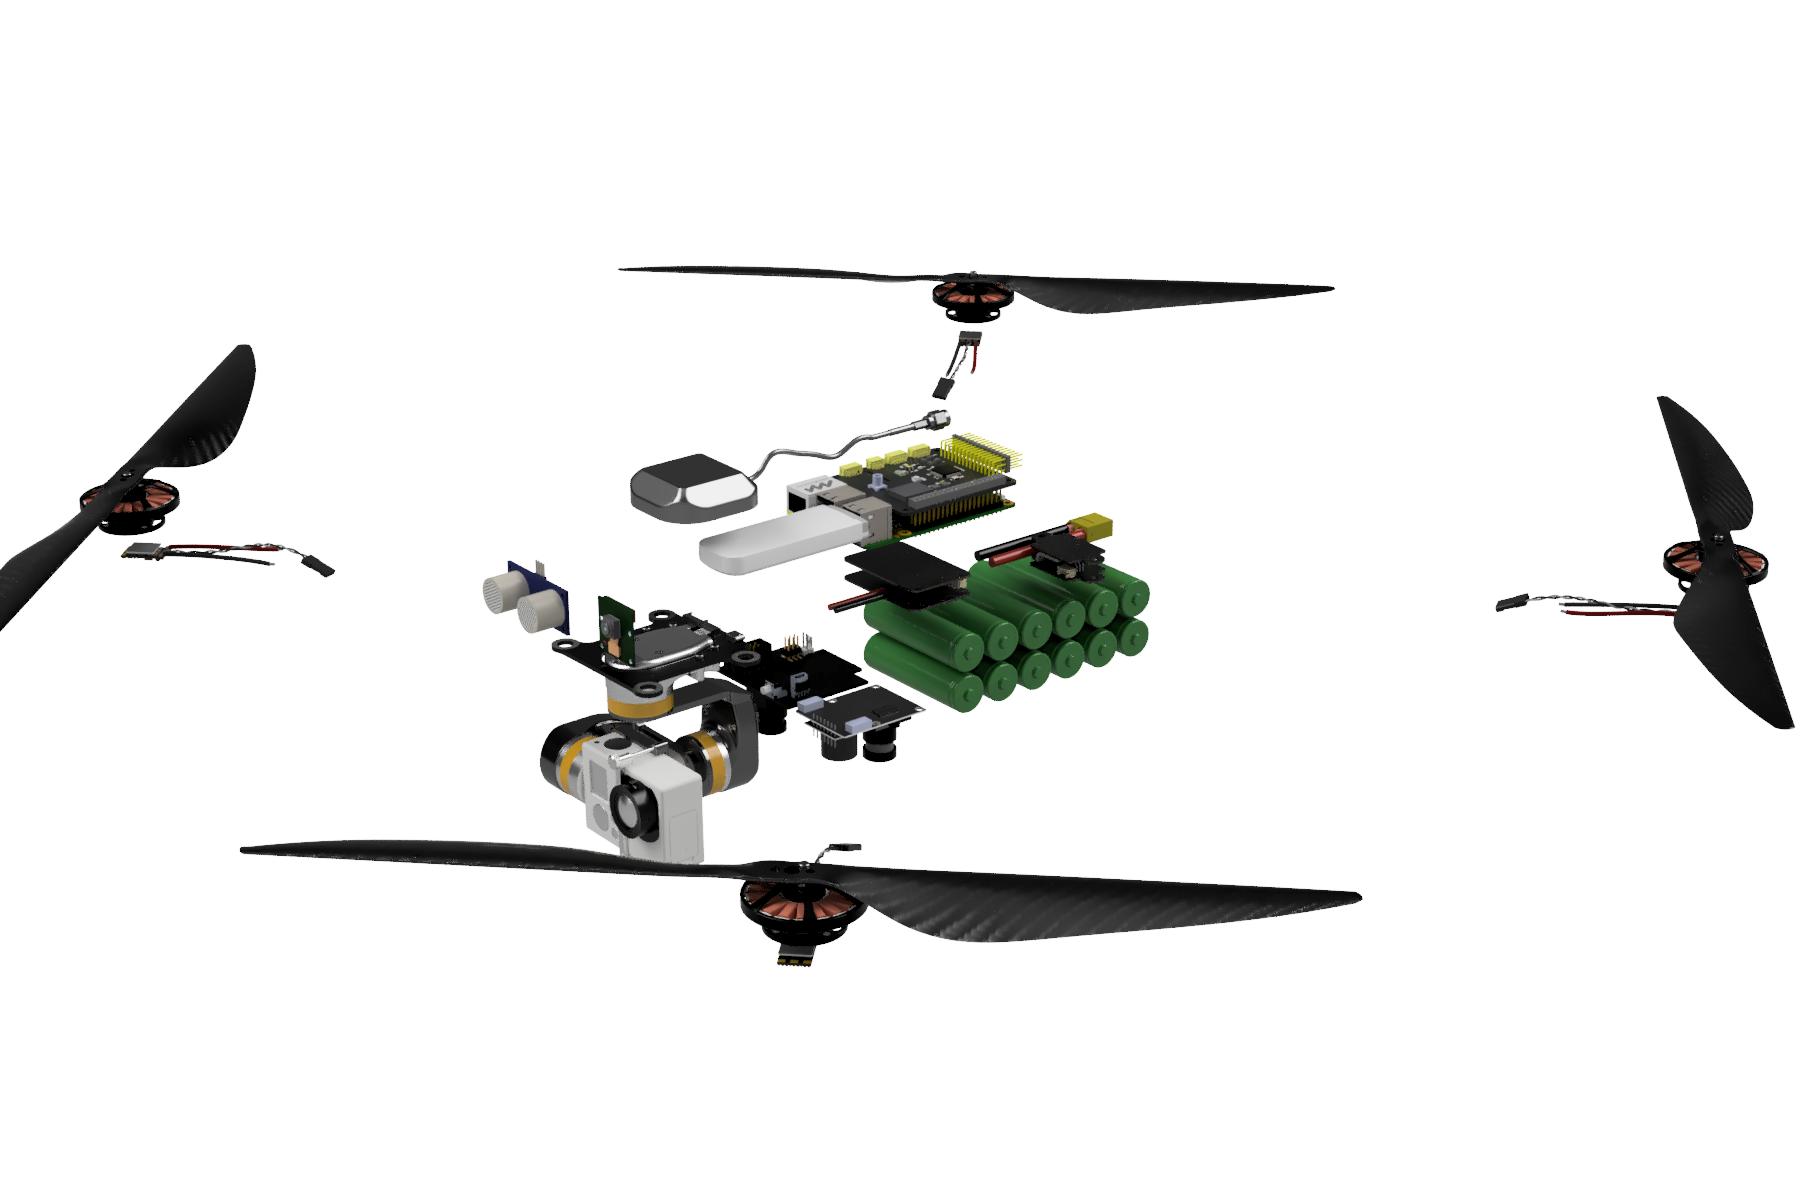 DIY автономный дрон с управлением через интернет - 12